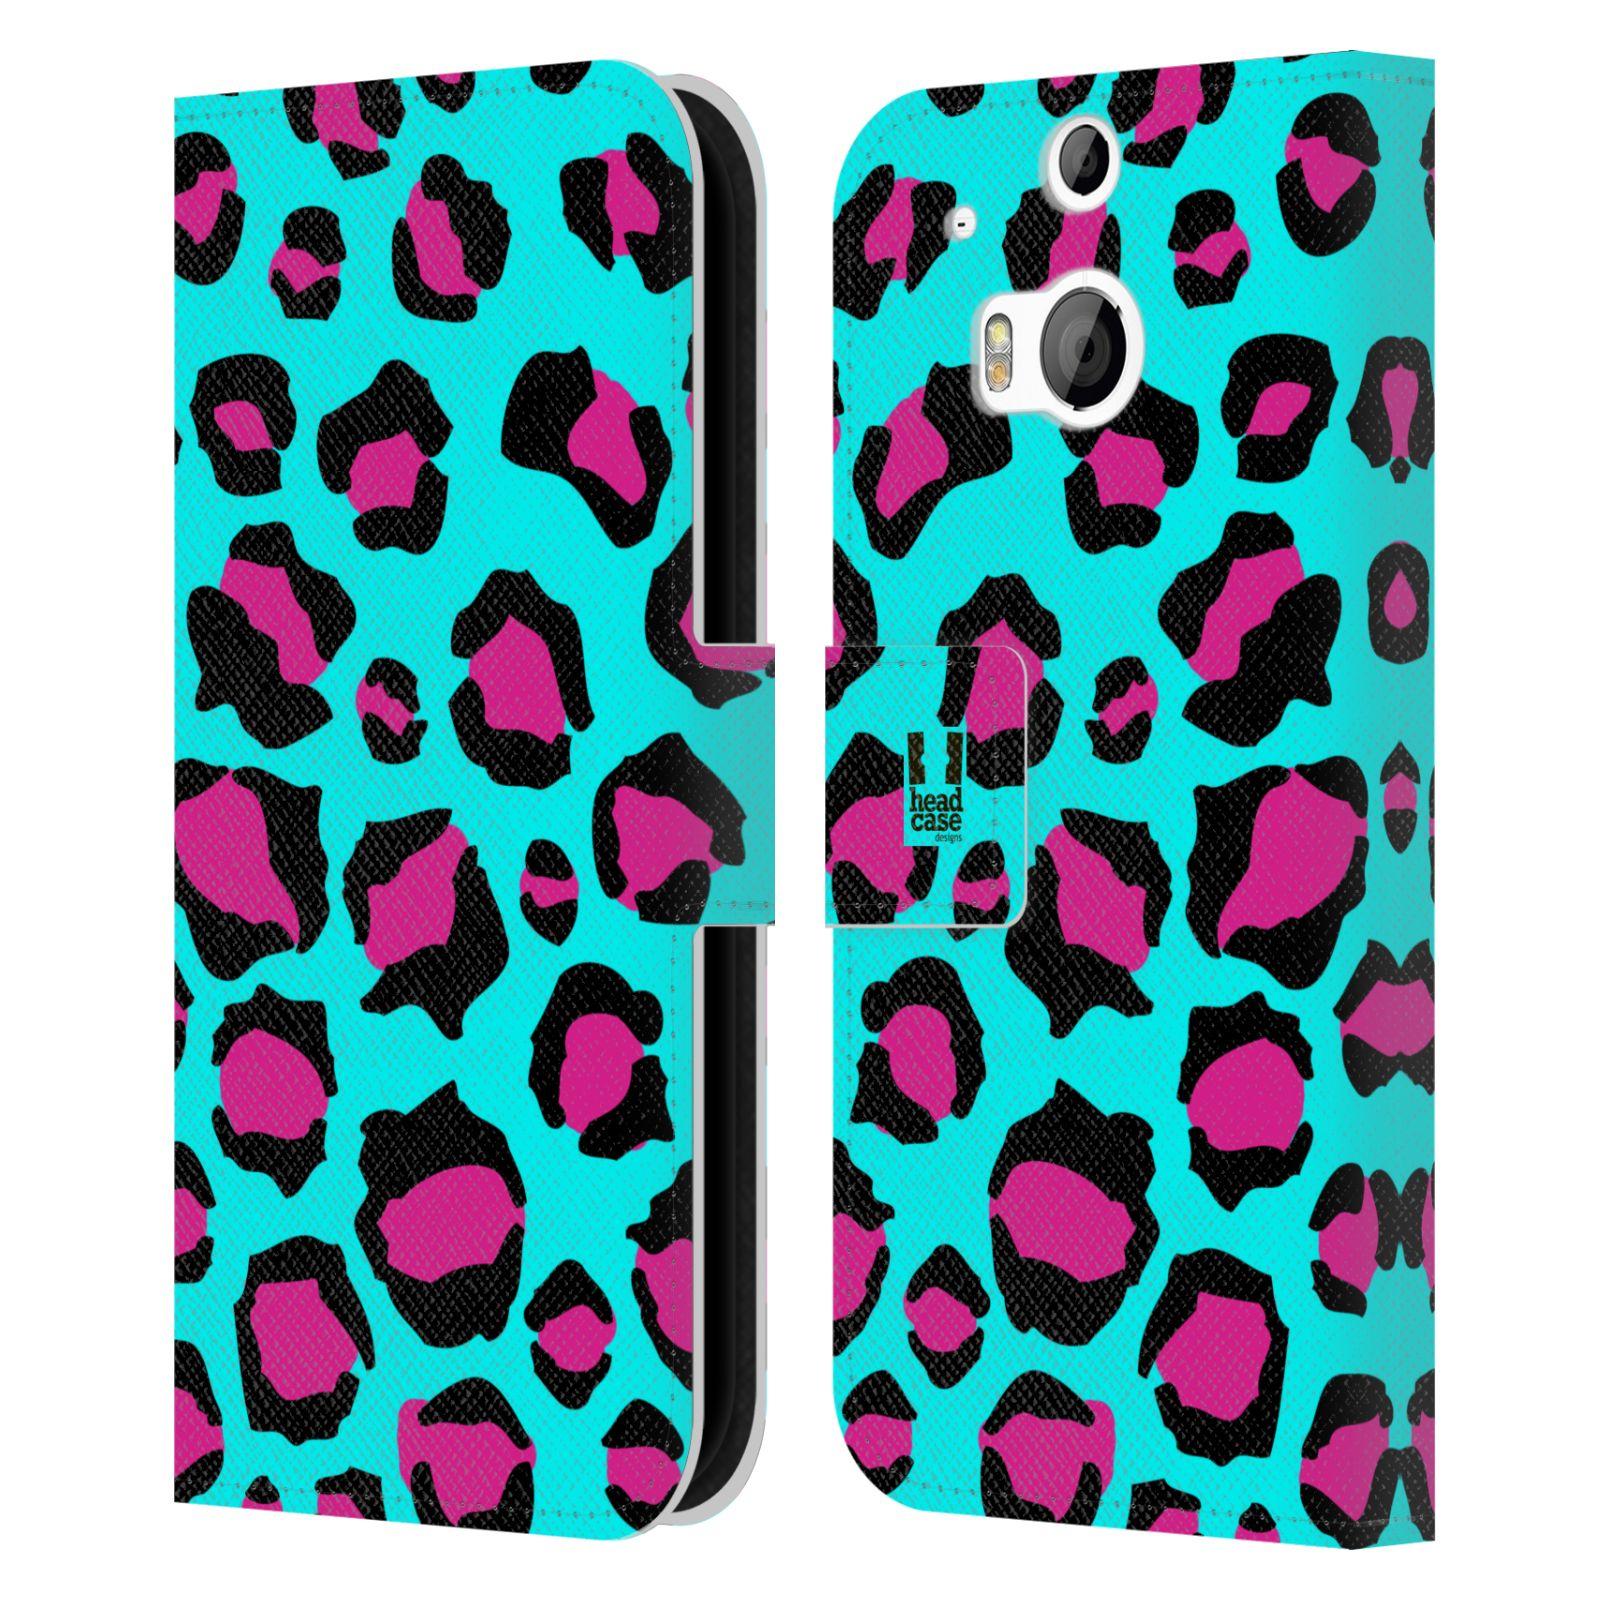 HEAD CASE Flipové pouzdro pro mobil HTC ONE (M8, M8s) Zvířecí barevné vzory tyrkysový leopard